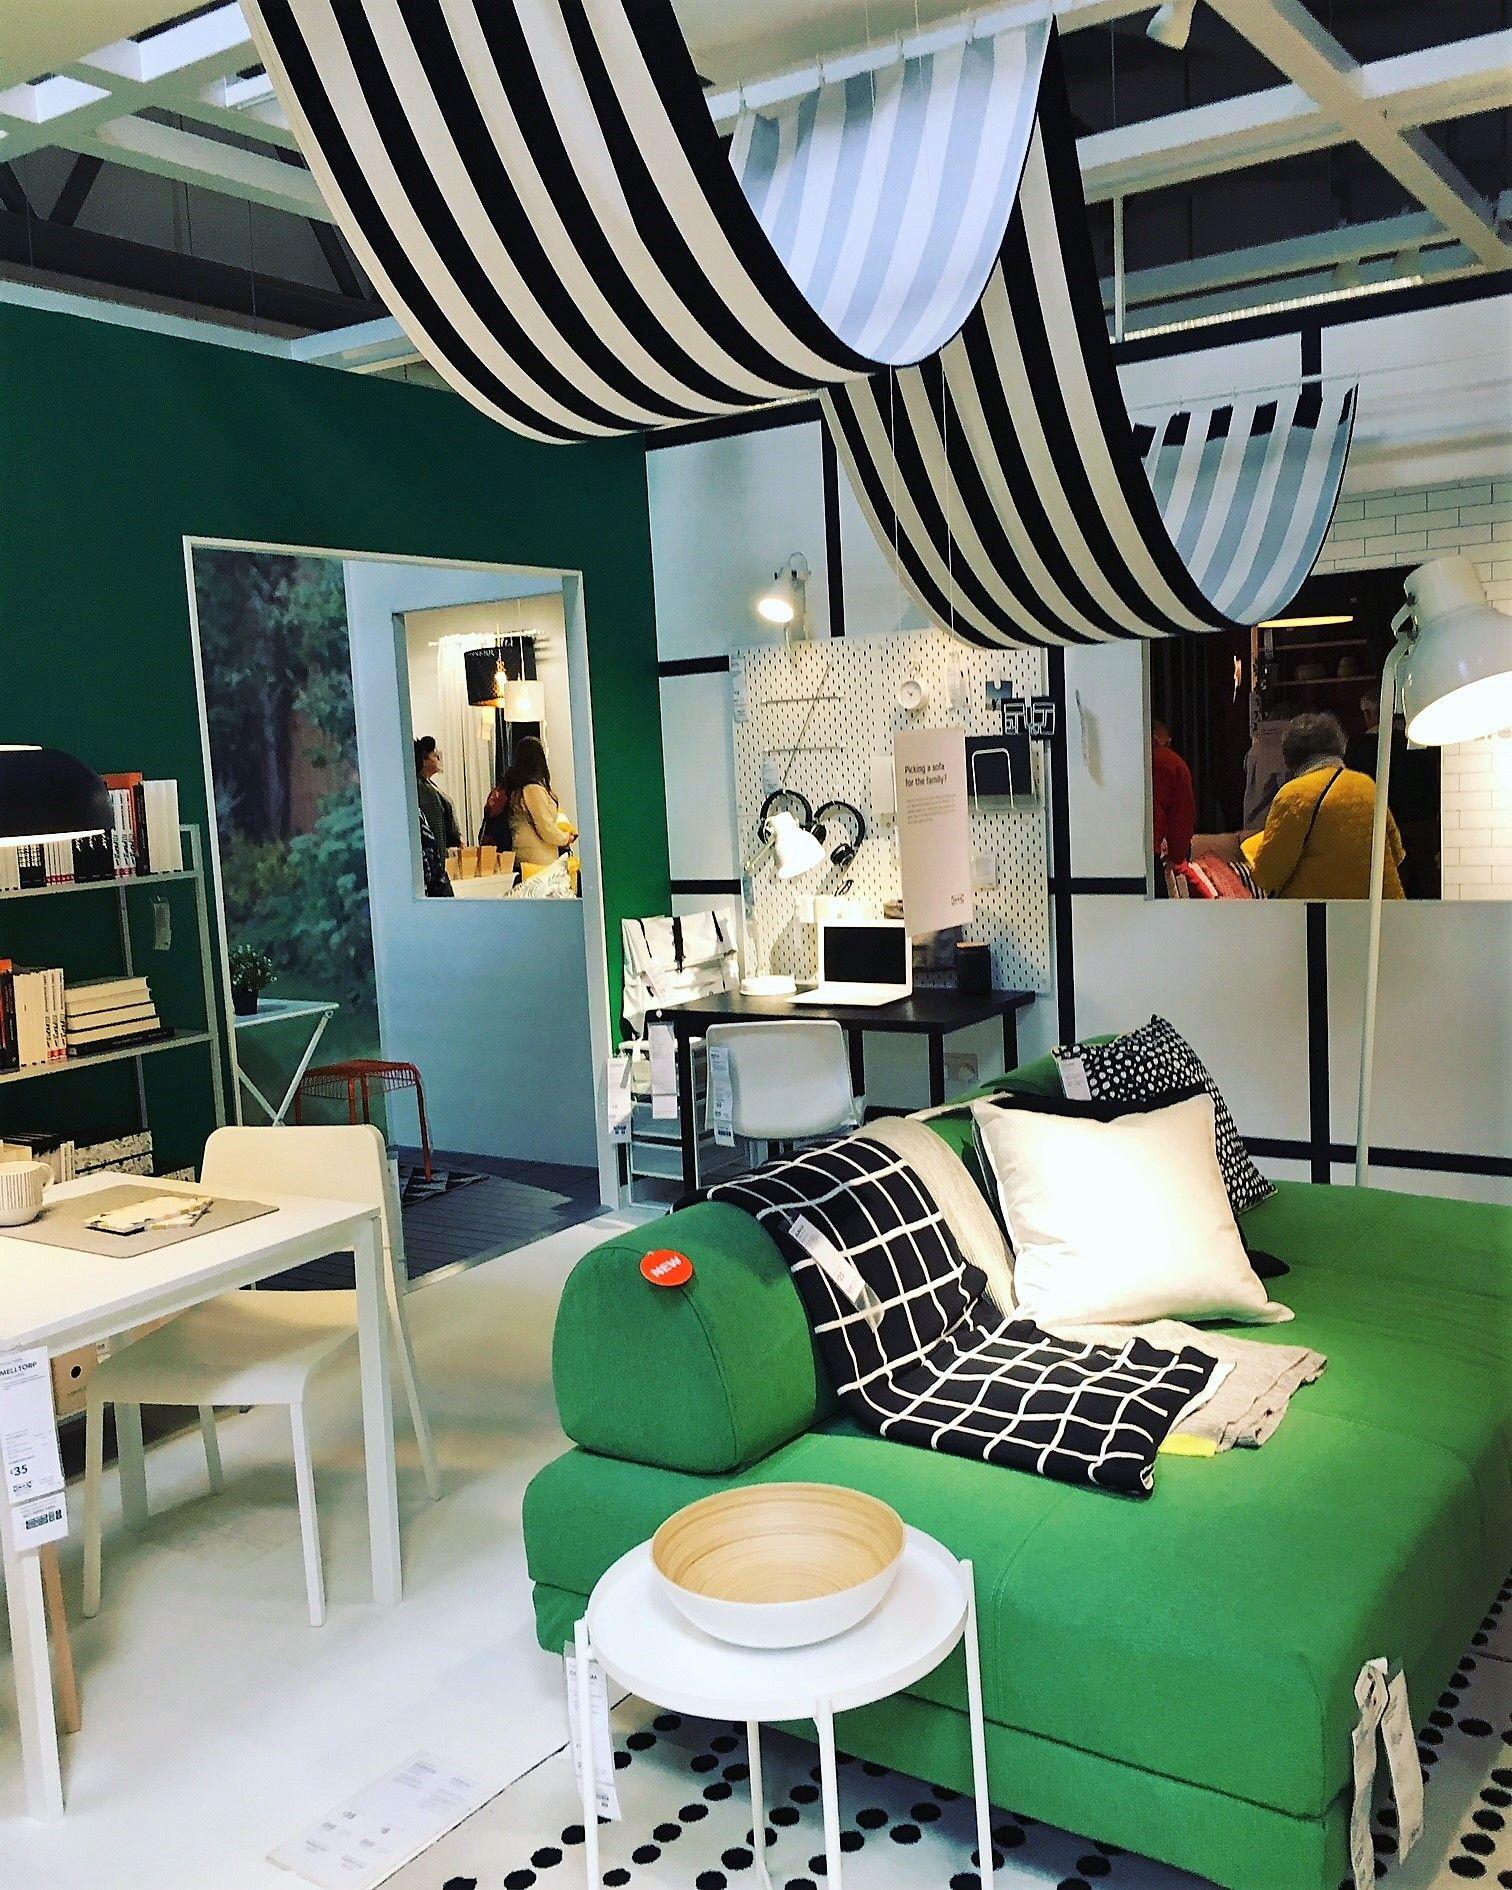 IKEA Exeter How to Shop Smart Arredamento esterno